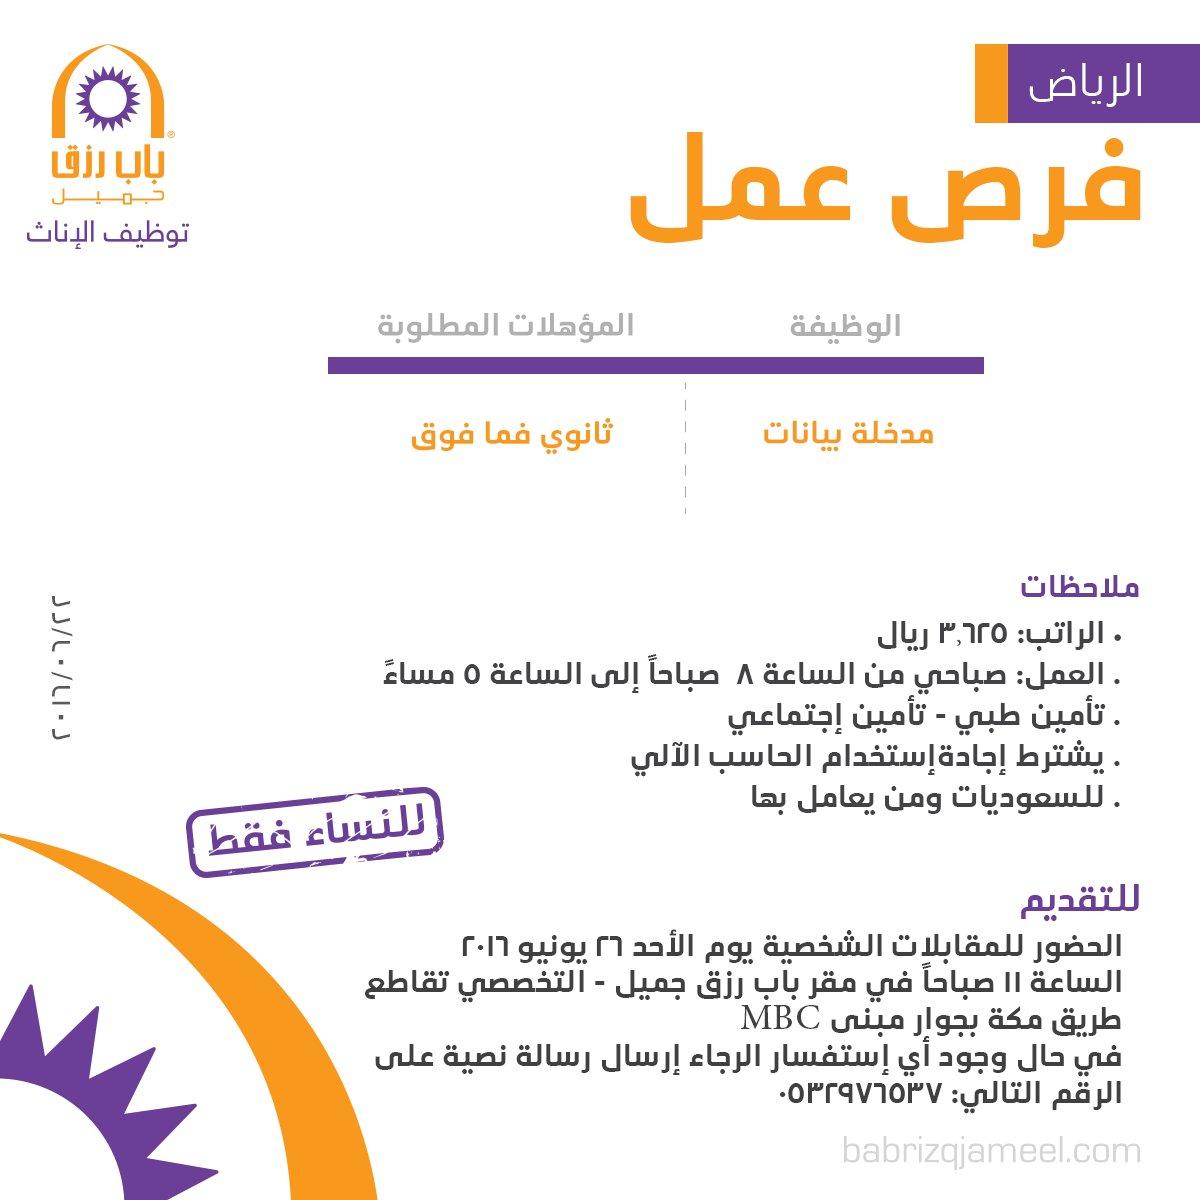 غدا الأحد التقديم على وظيفة مدخلة بيانات - الرياض